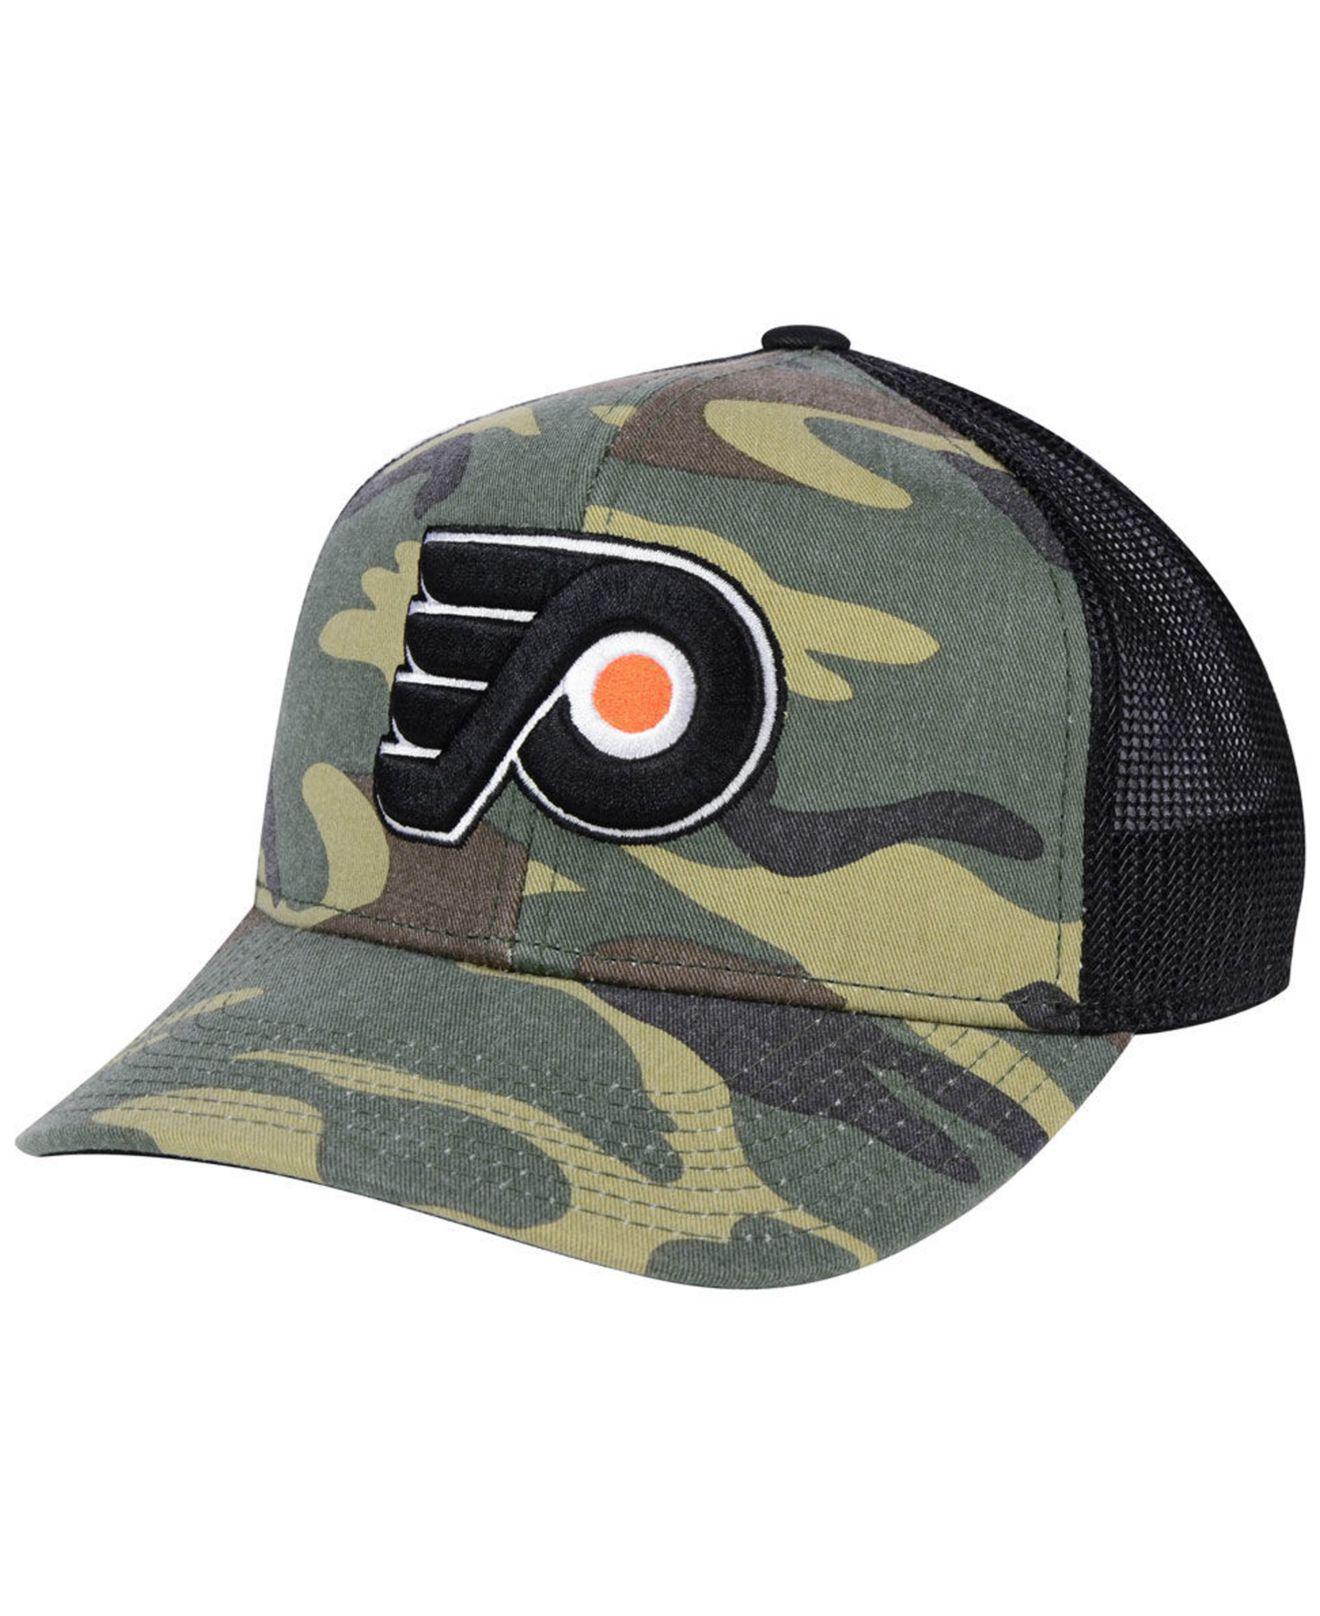 7d6301ca2a5 Adidas - Multicolor Philadelphia Flyers Camo Trucker Cap for Men - Lyst.  View fullscreen